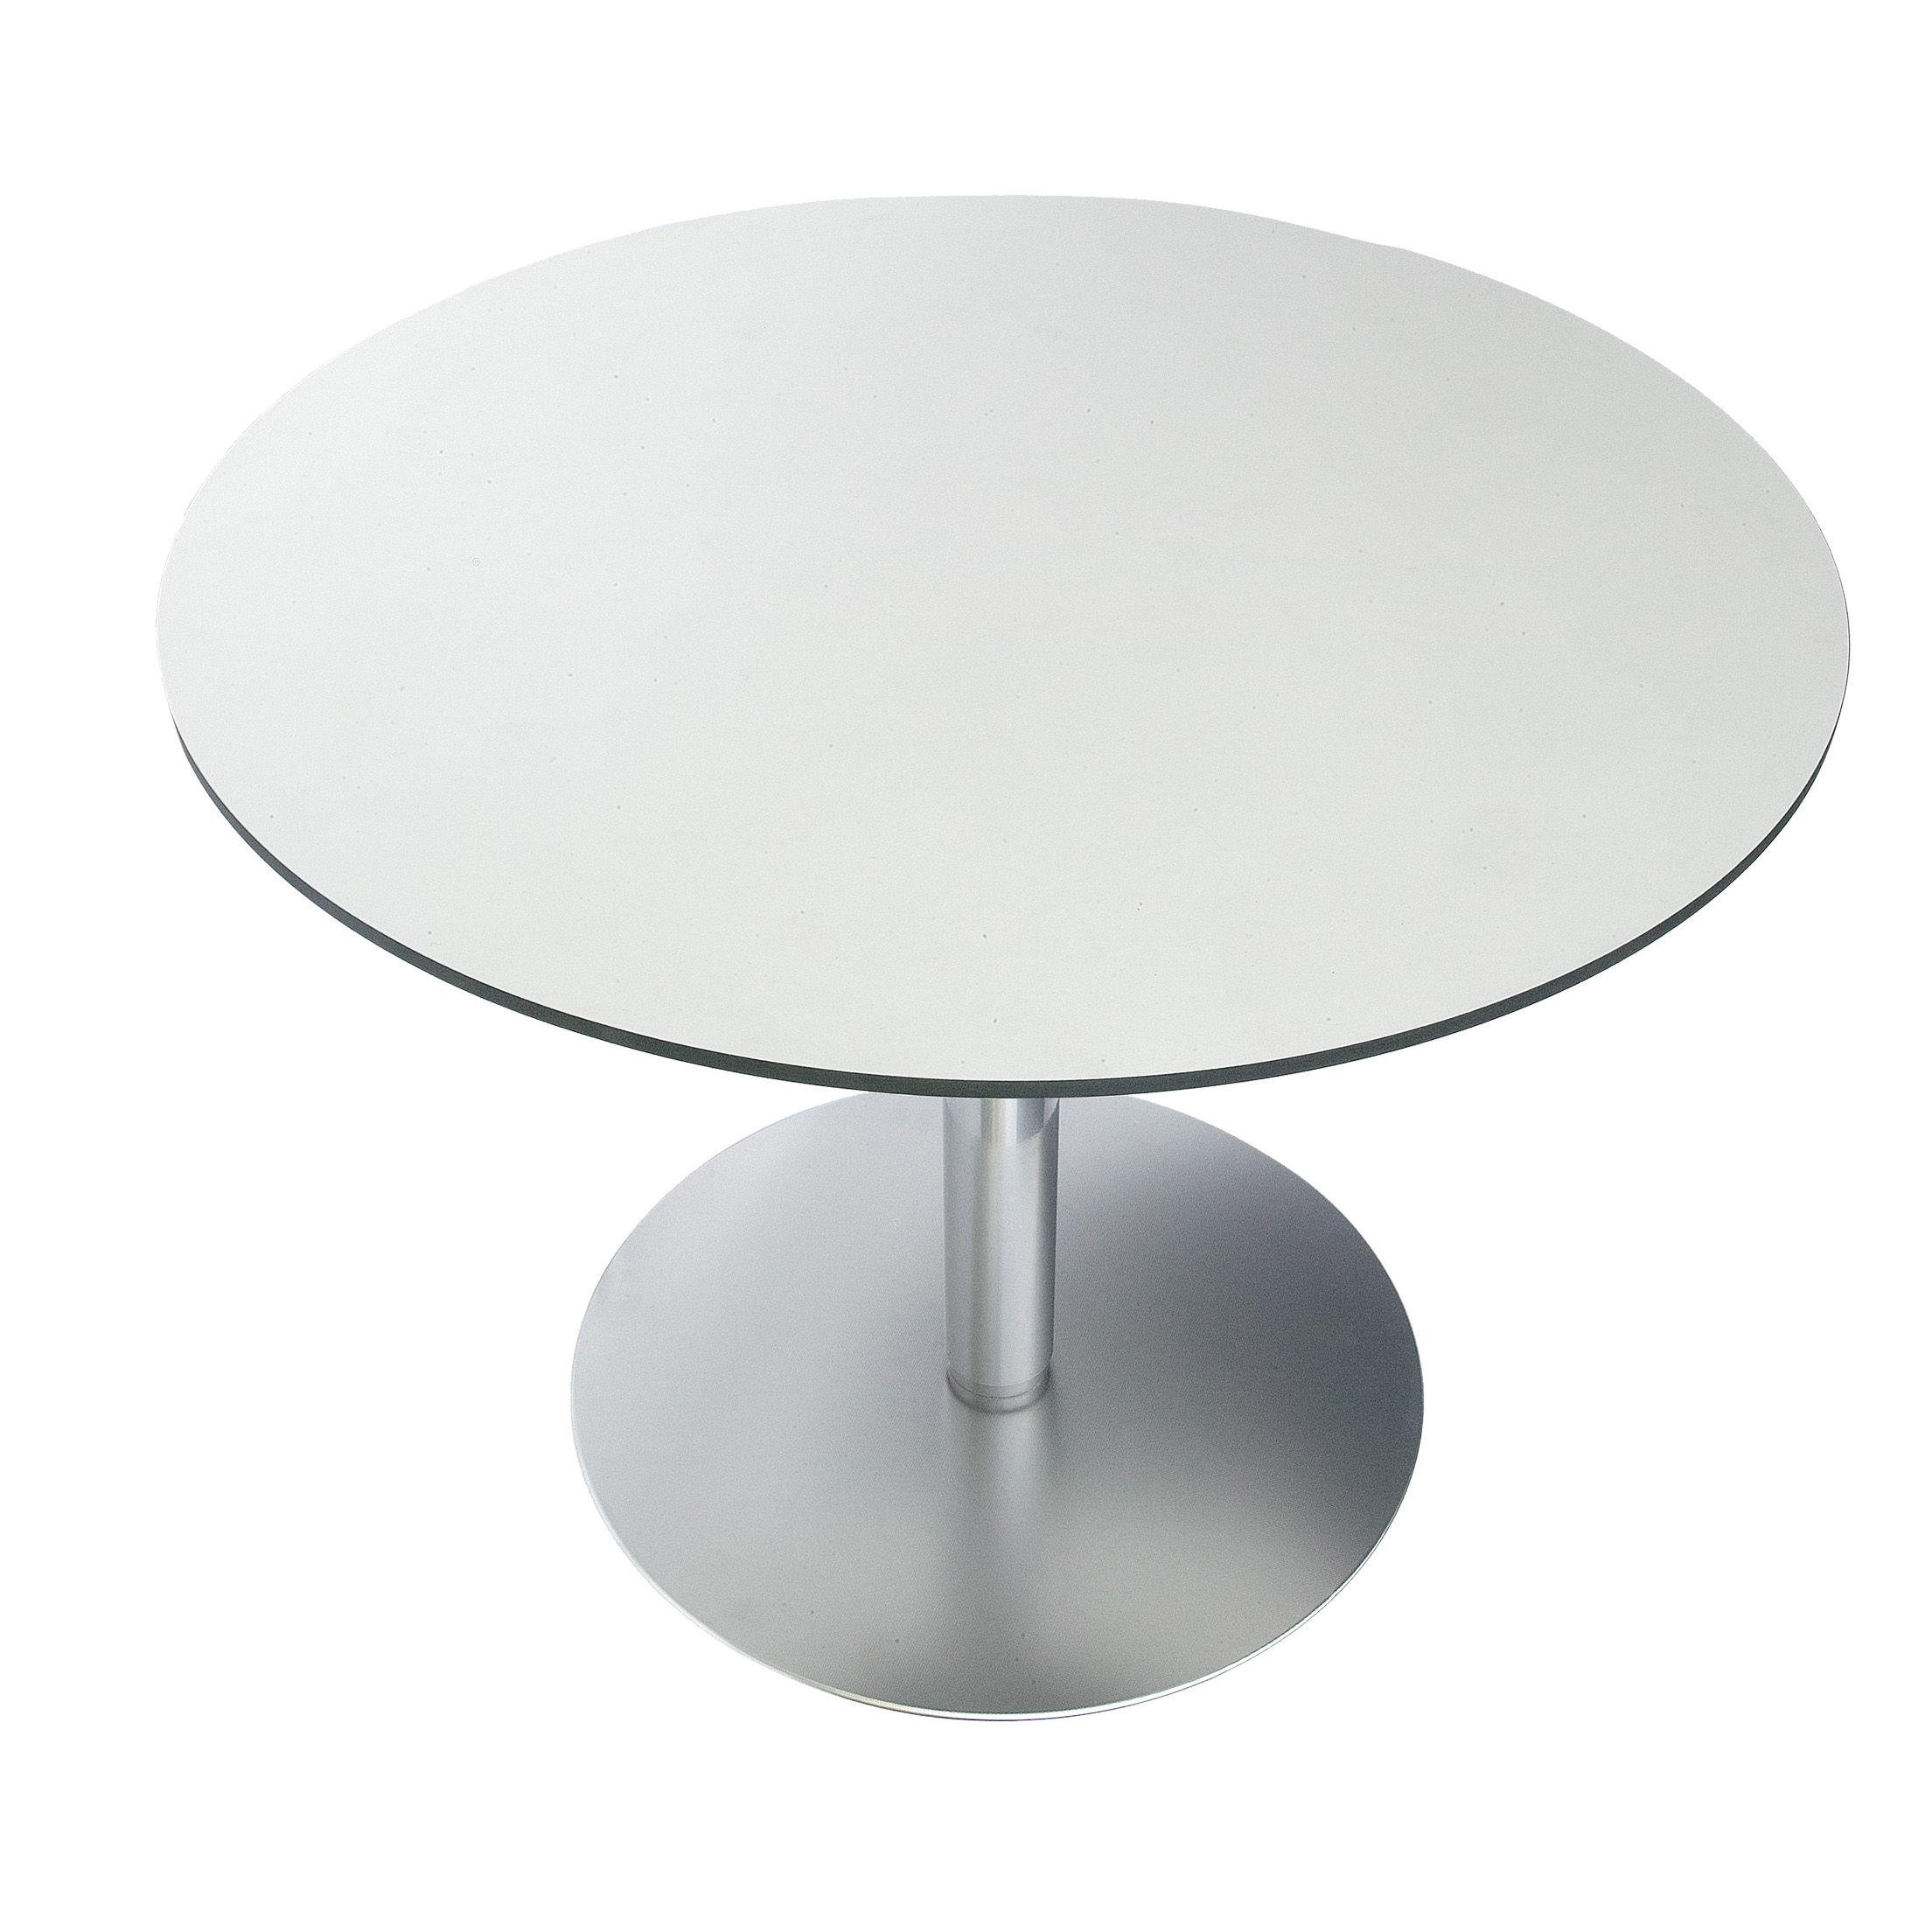 Mobilier - Mange-debout et bars - Table à hauteur réglable Brio / Ø 60 cm - Lapalma - HPL Blanc - Acier, HPL